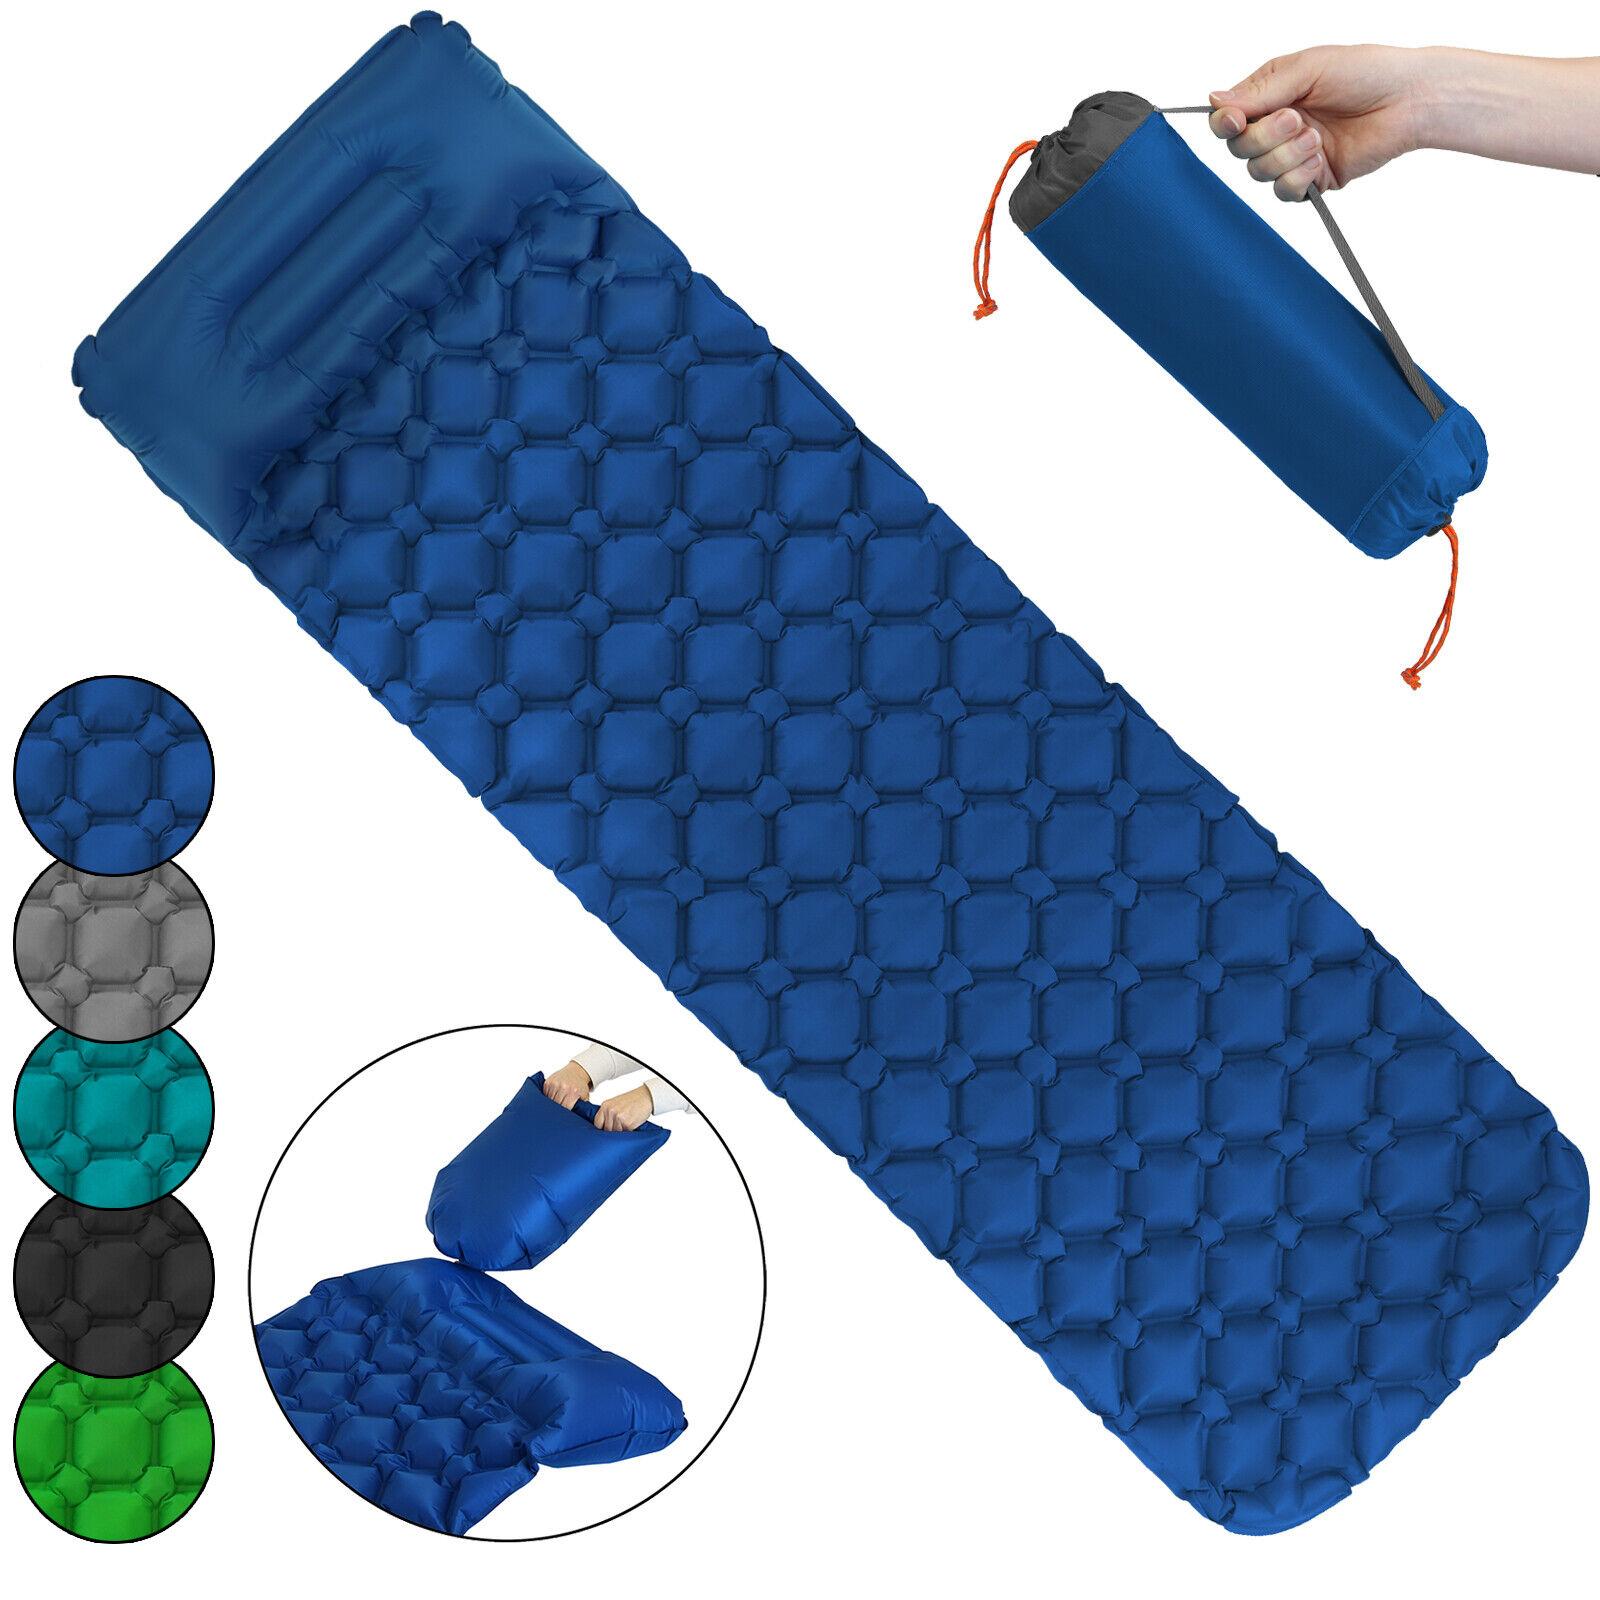 Leichte Isomatte Camping Luftmatraze aufblasbar + Kissen Luftsack zum Aufpumpen